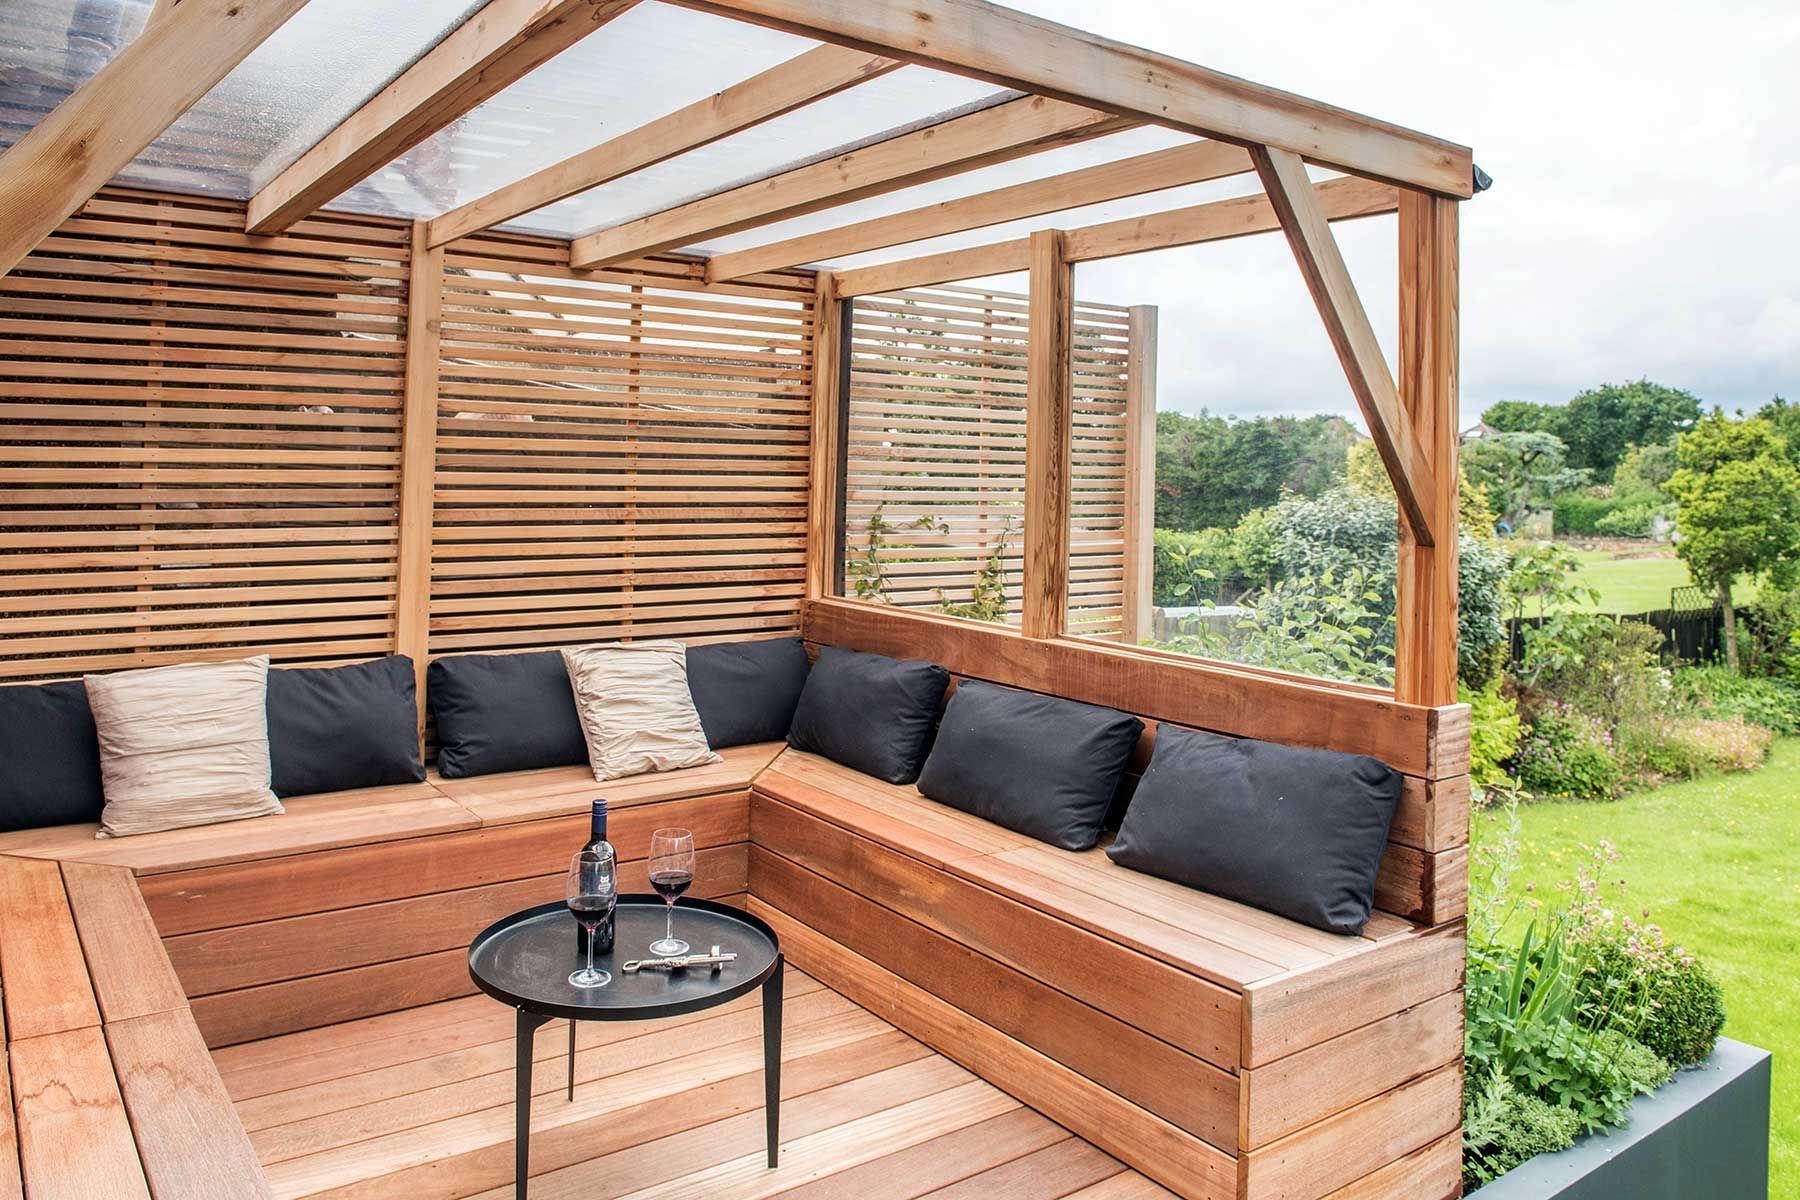 Covered Garden Bench With Storage Garden Storage Bench 640 x 480